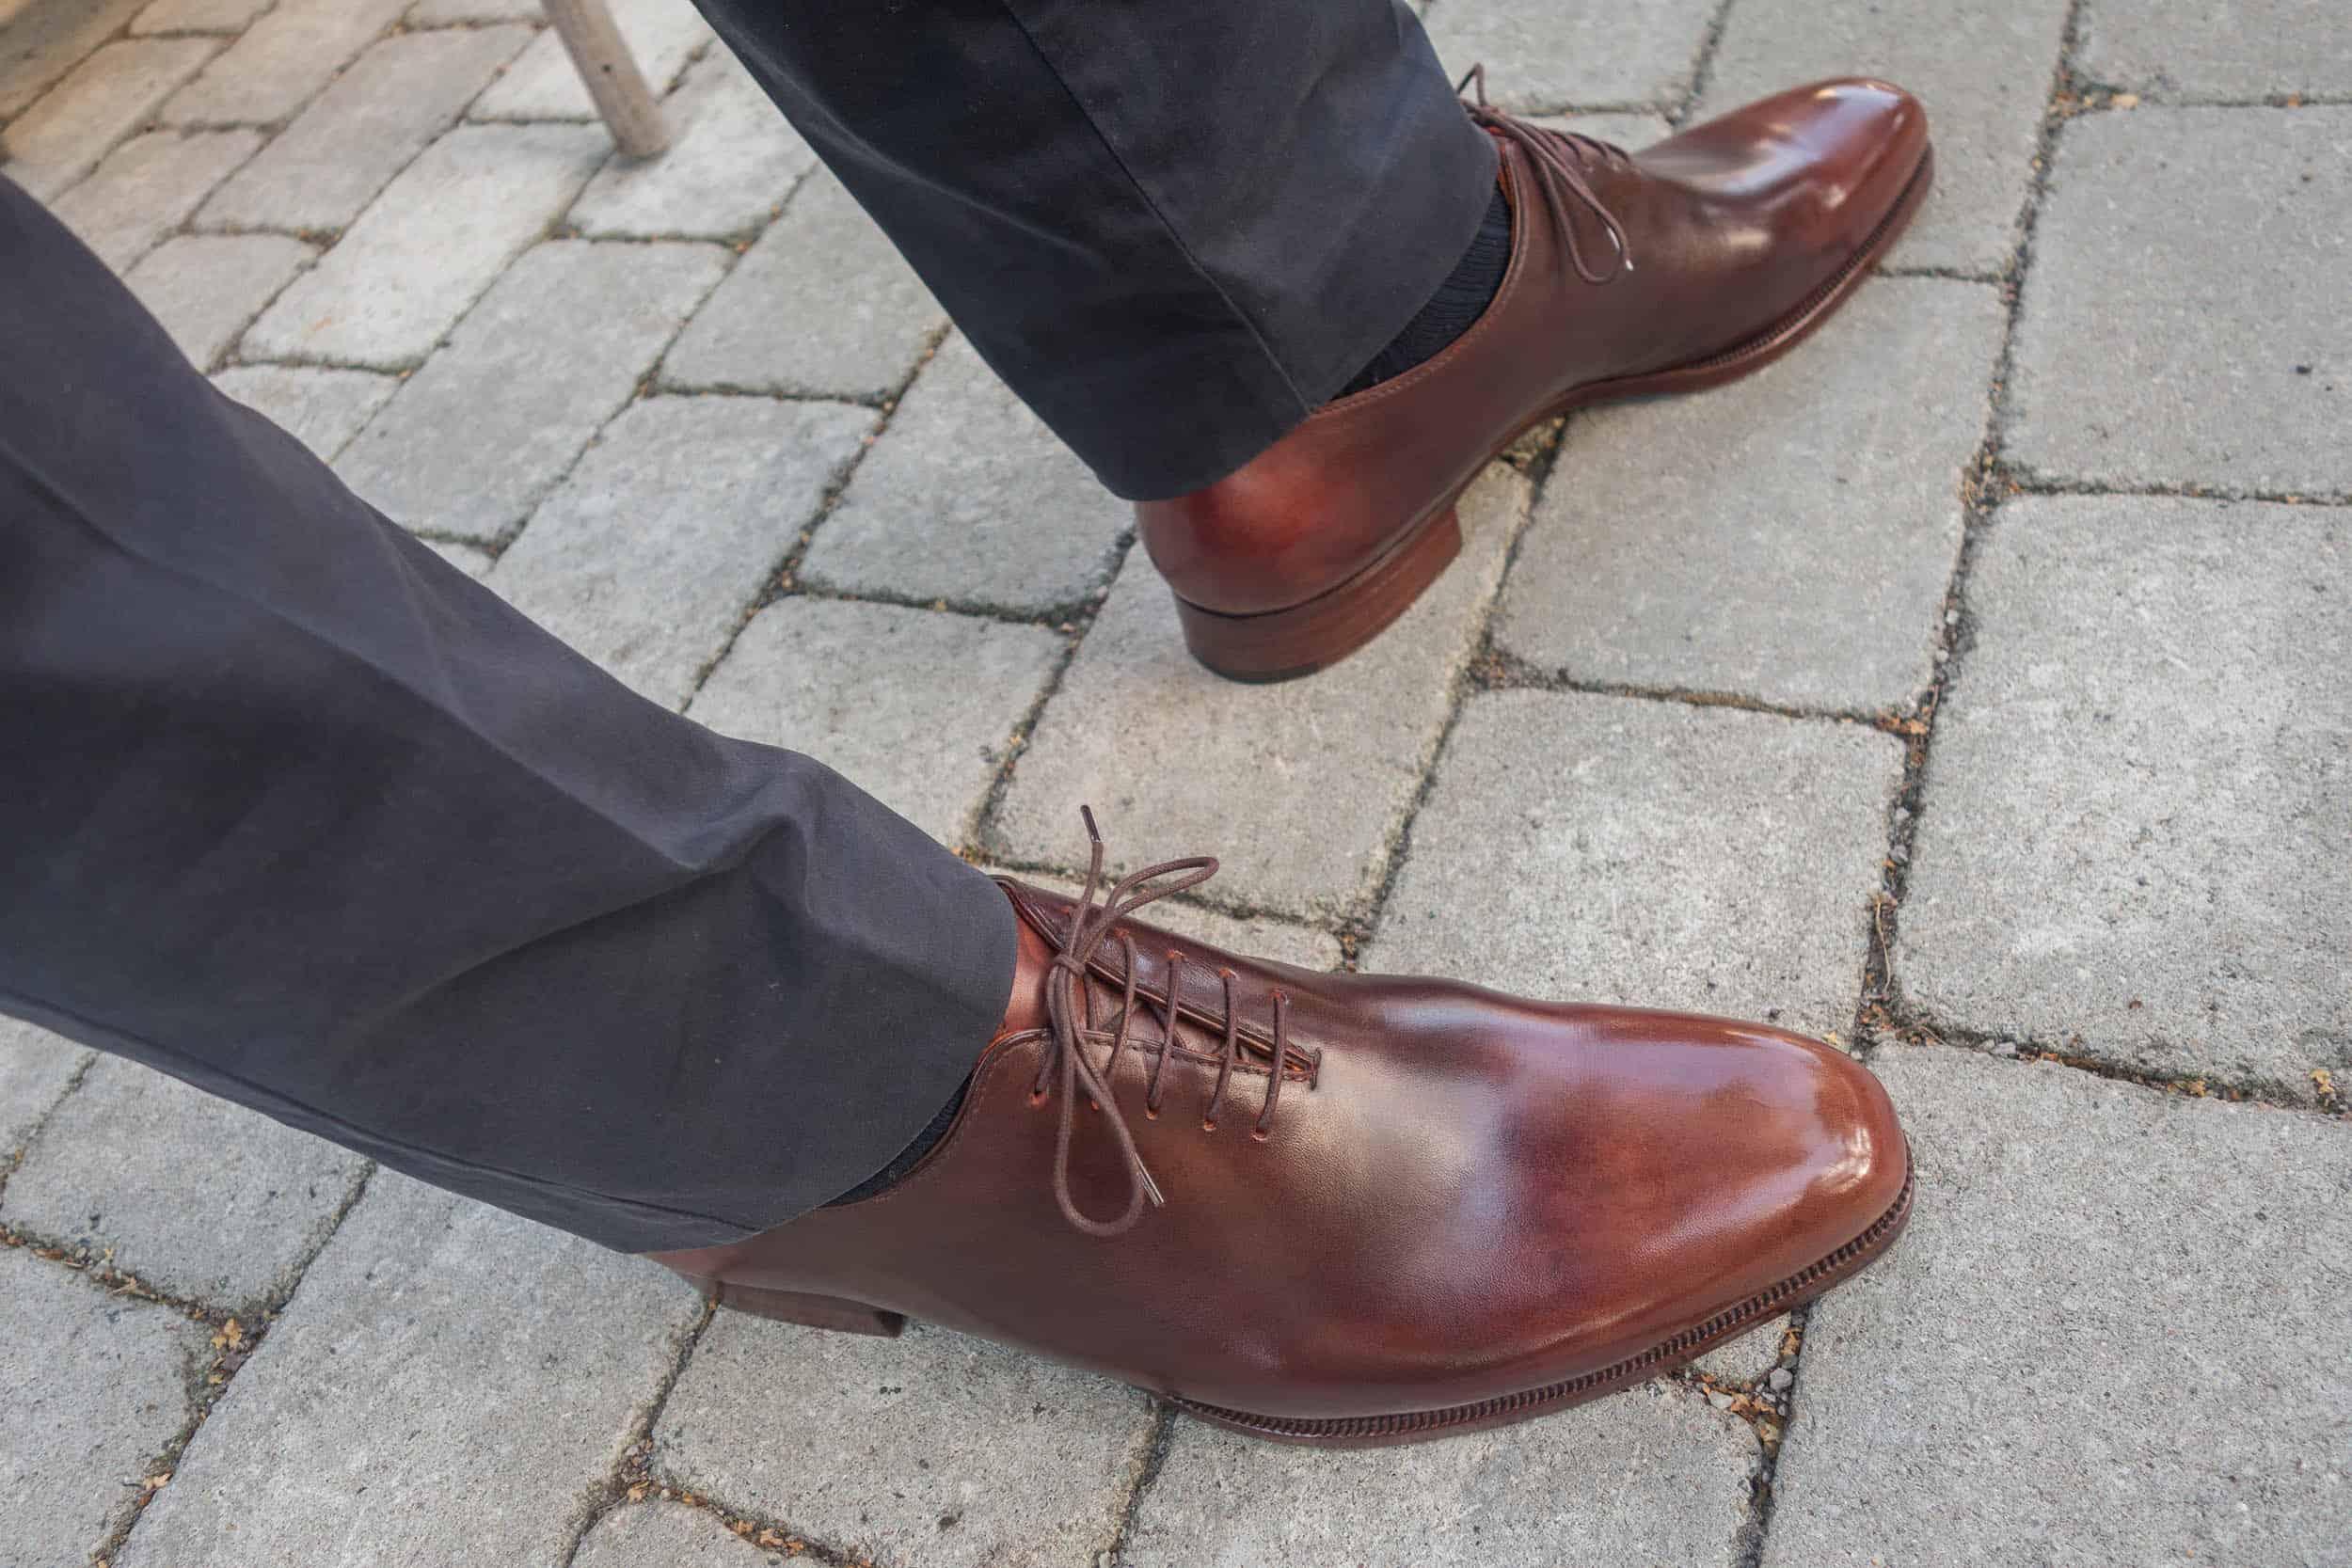 de683eb83da Tipset – Gå in nya skor försiktigt – Shoegazing